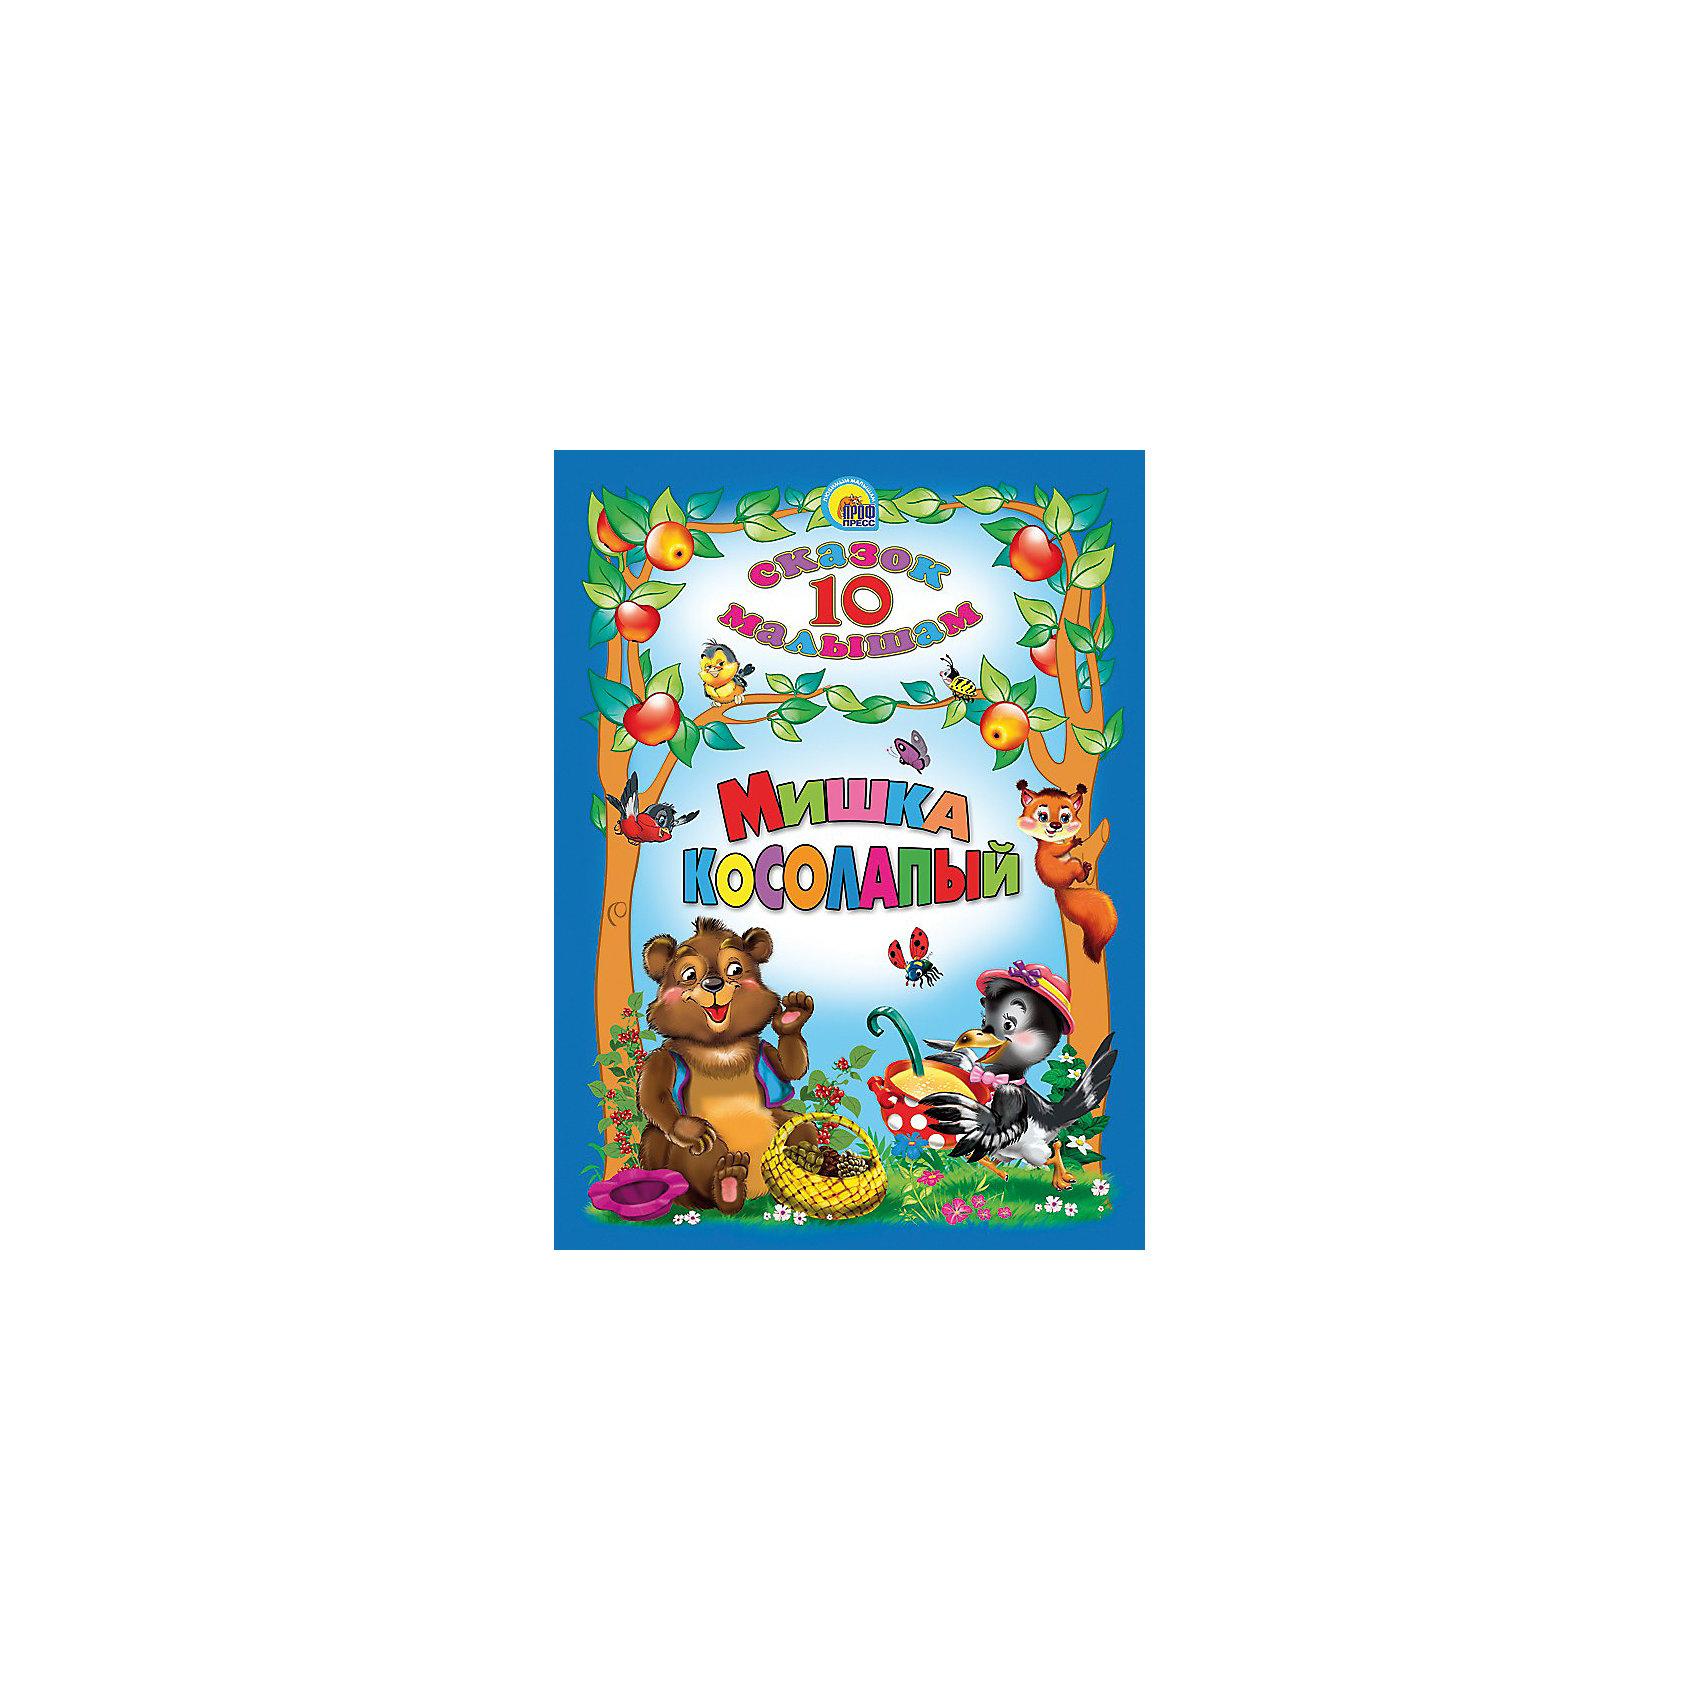 Сборник 10 сказок малышам Мишка косолапыйКниги для девочек<br>Любимые сказки собраны в серии книг 10 сказок. Замечательные иллюстрации не оставят равнодушными не только детей, но и их родителей.Ваш малыш не только с удовольствием познакомится с содержанием известных сказок, но и получит первые уроки доброты, юмора и смекалки.<br><br>В книге представлены 10 русских народных потешек<br>Мишка Косолапый<br>Серенький козлик <br>Топ-топ, топотушки<br>Сорока-белобока<br>Тень-тень-потетень<br>Белкины орешки<br>Рано-рано поутру<br>Зайцы водят хоровод<br>Вышел зайчик погулять<br>Иванушка<br><br>Материал: бумага офсетная, обложка твердая.<br>Книга содержит 128 стр.<br><br>Ширина мм: 162<br>Глубина мм: 15<br>Высота мм: 220<br>Вес г: 272<br>Возраст от месяцев: 24<br>Возраст до месяцев: 60<br>Пол: Унисекс<br>Возраст: Детский<br>SKU: 2499678